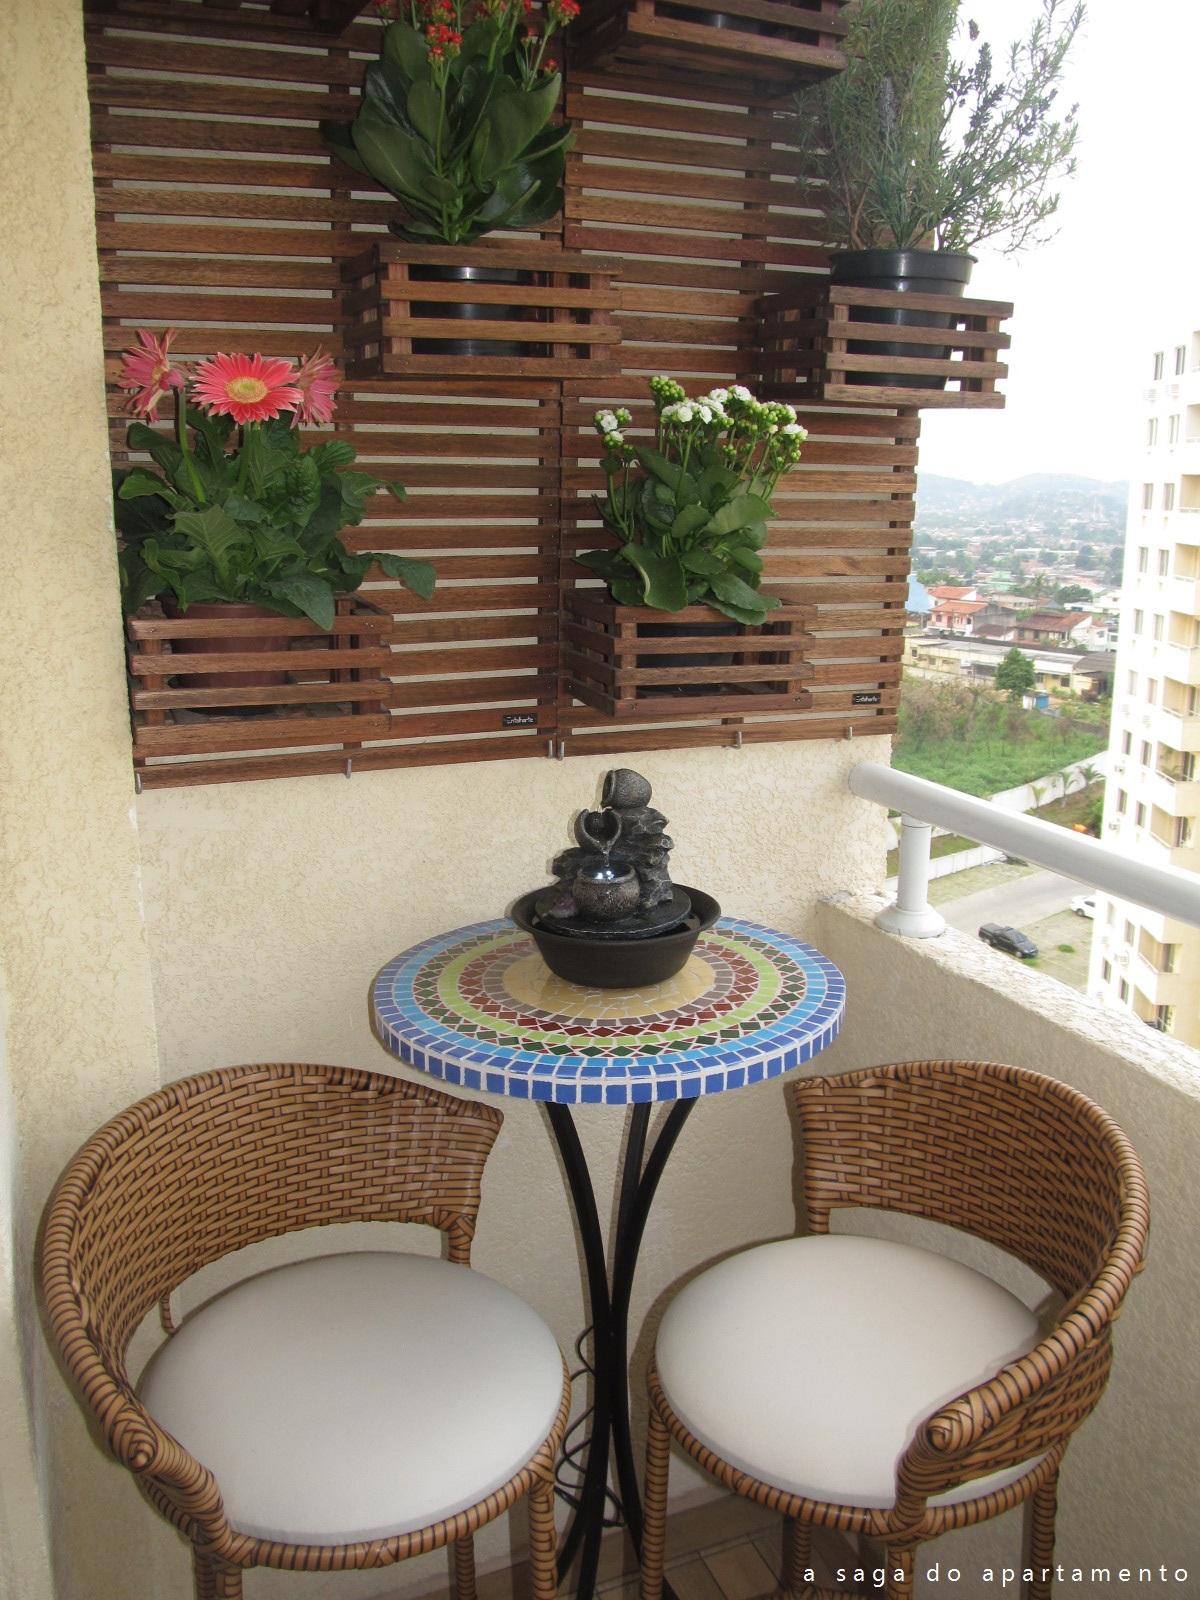 pedras jardim baratas : pedras jardim baratas:Decoração varanda e sacada pequena apartamento